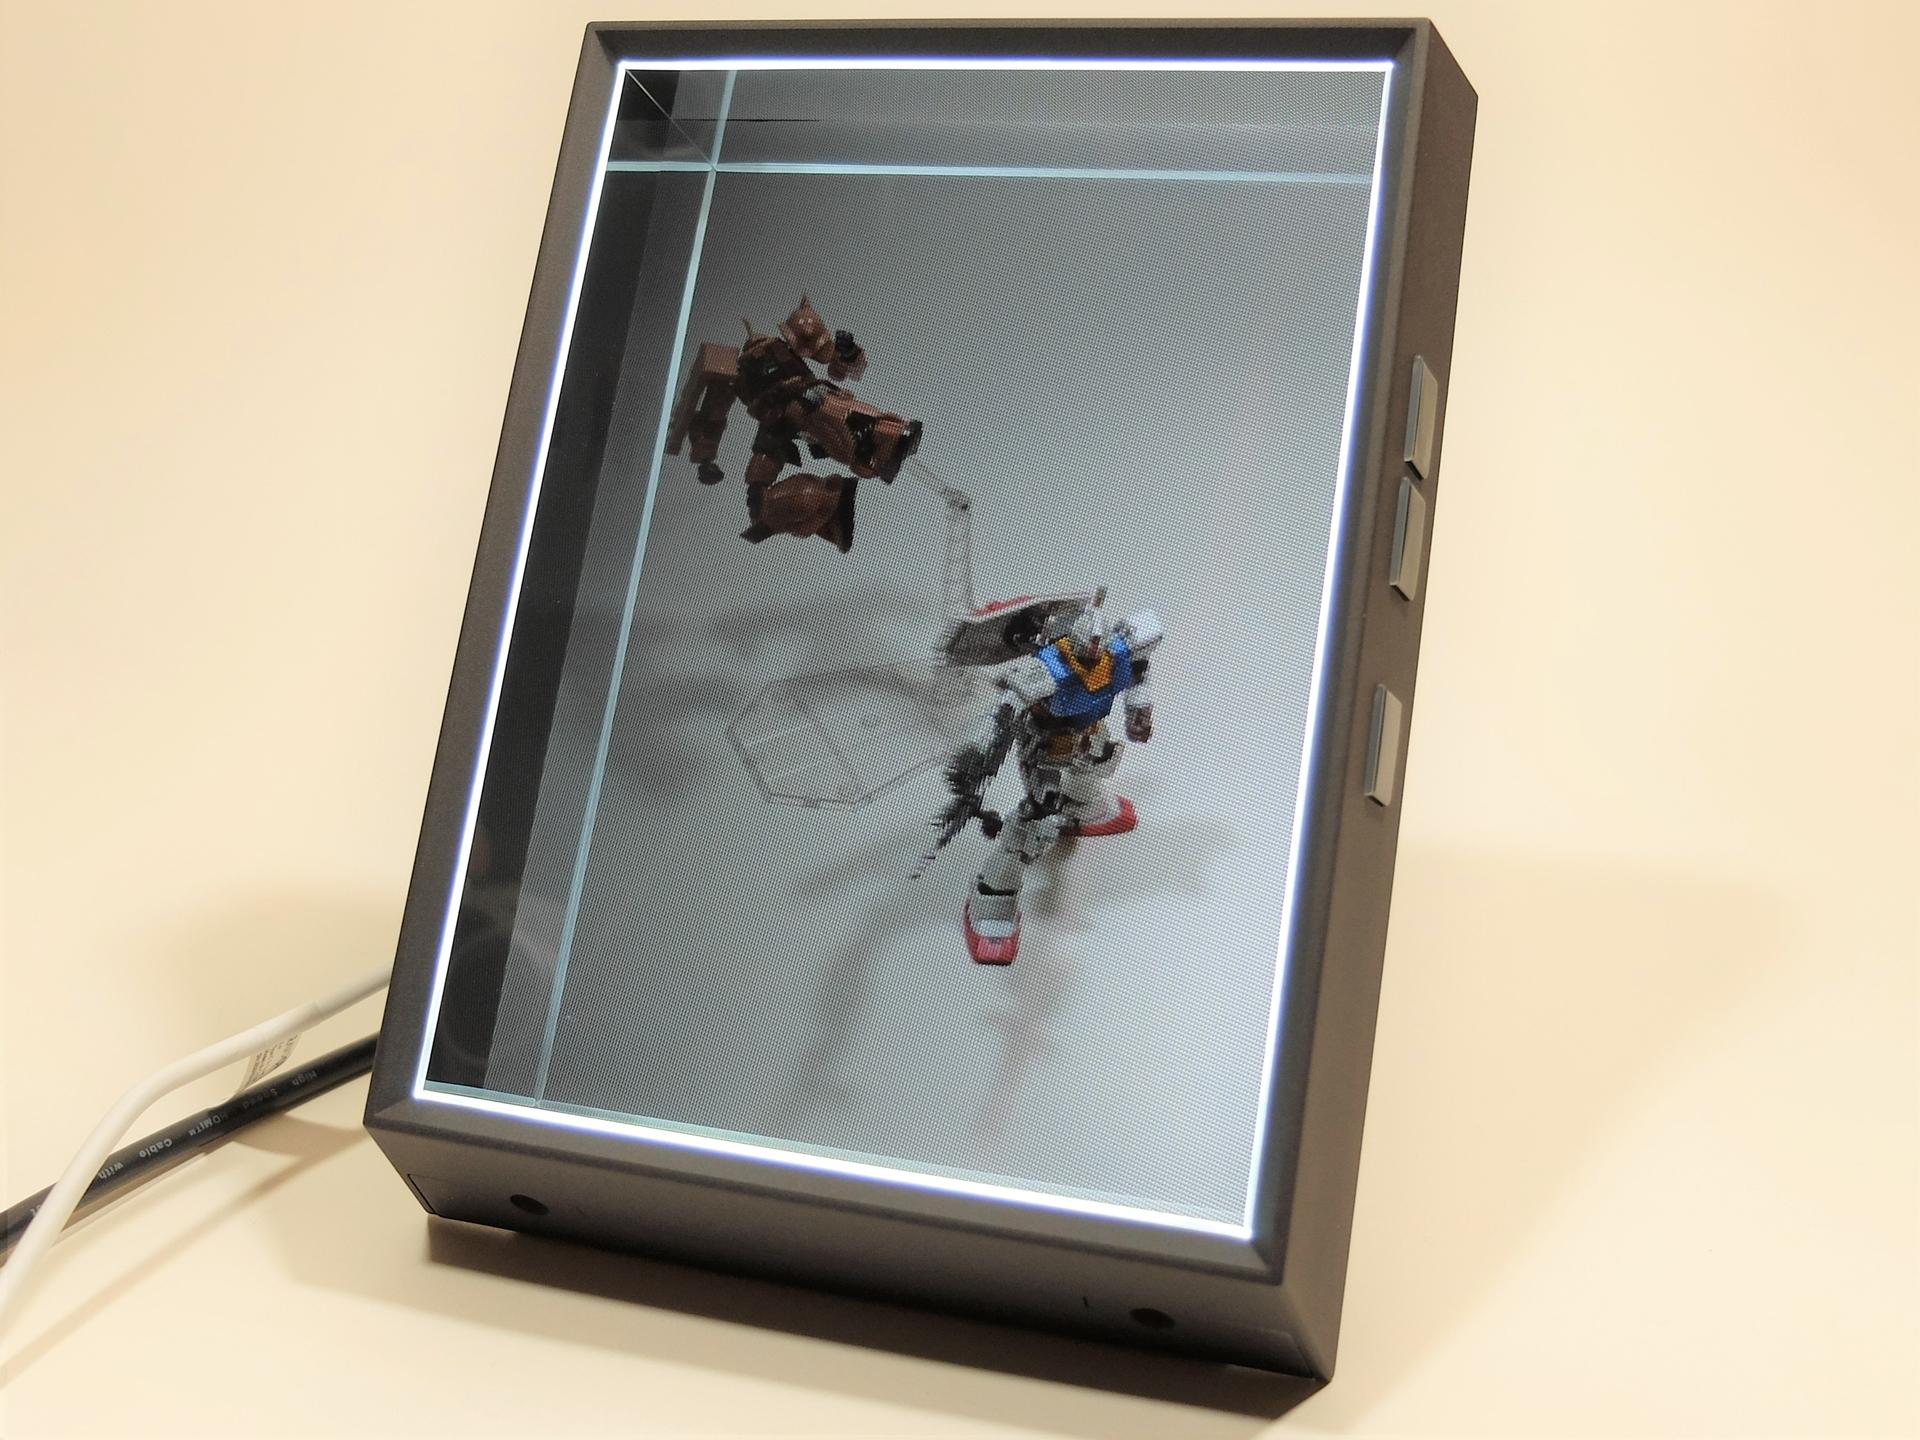 「Looking Glass Portrait」はポートレート画像などを立体表示できるディスプレイデバイス